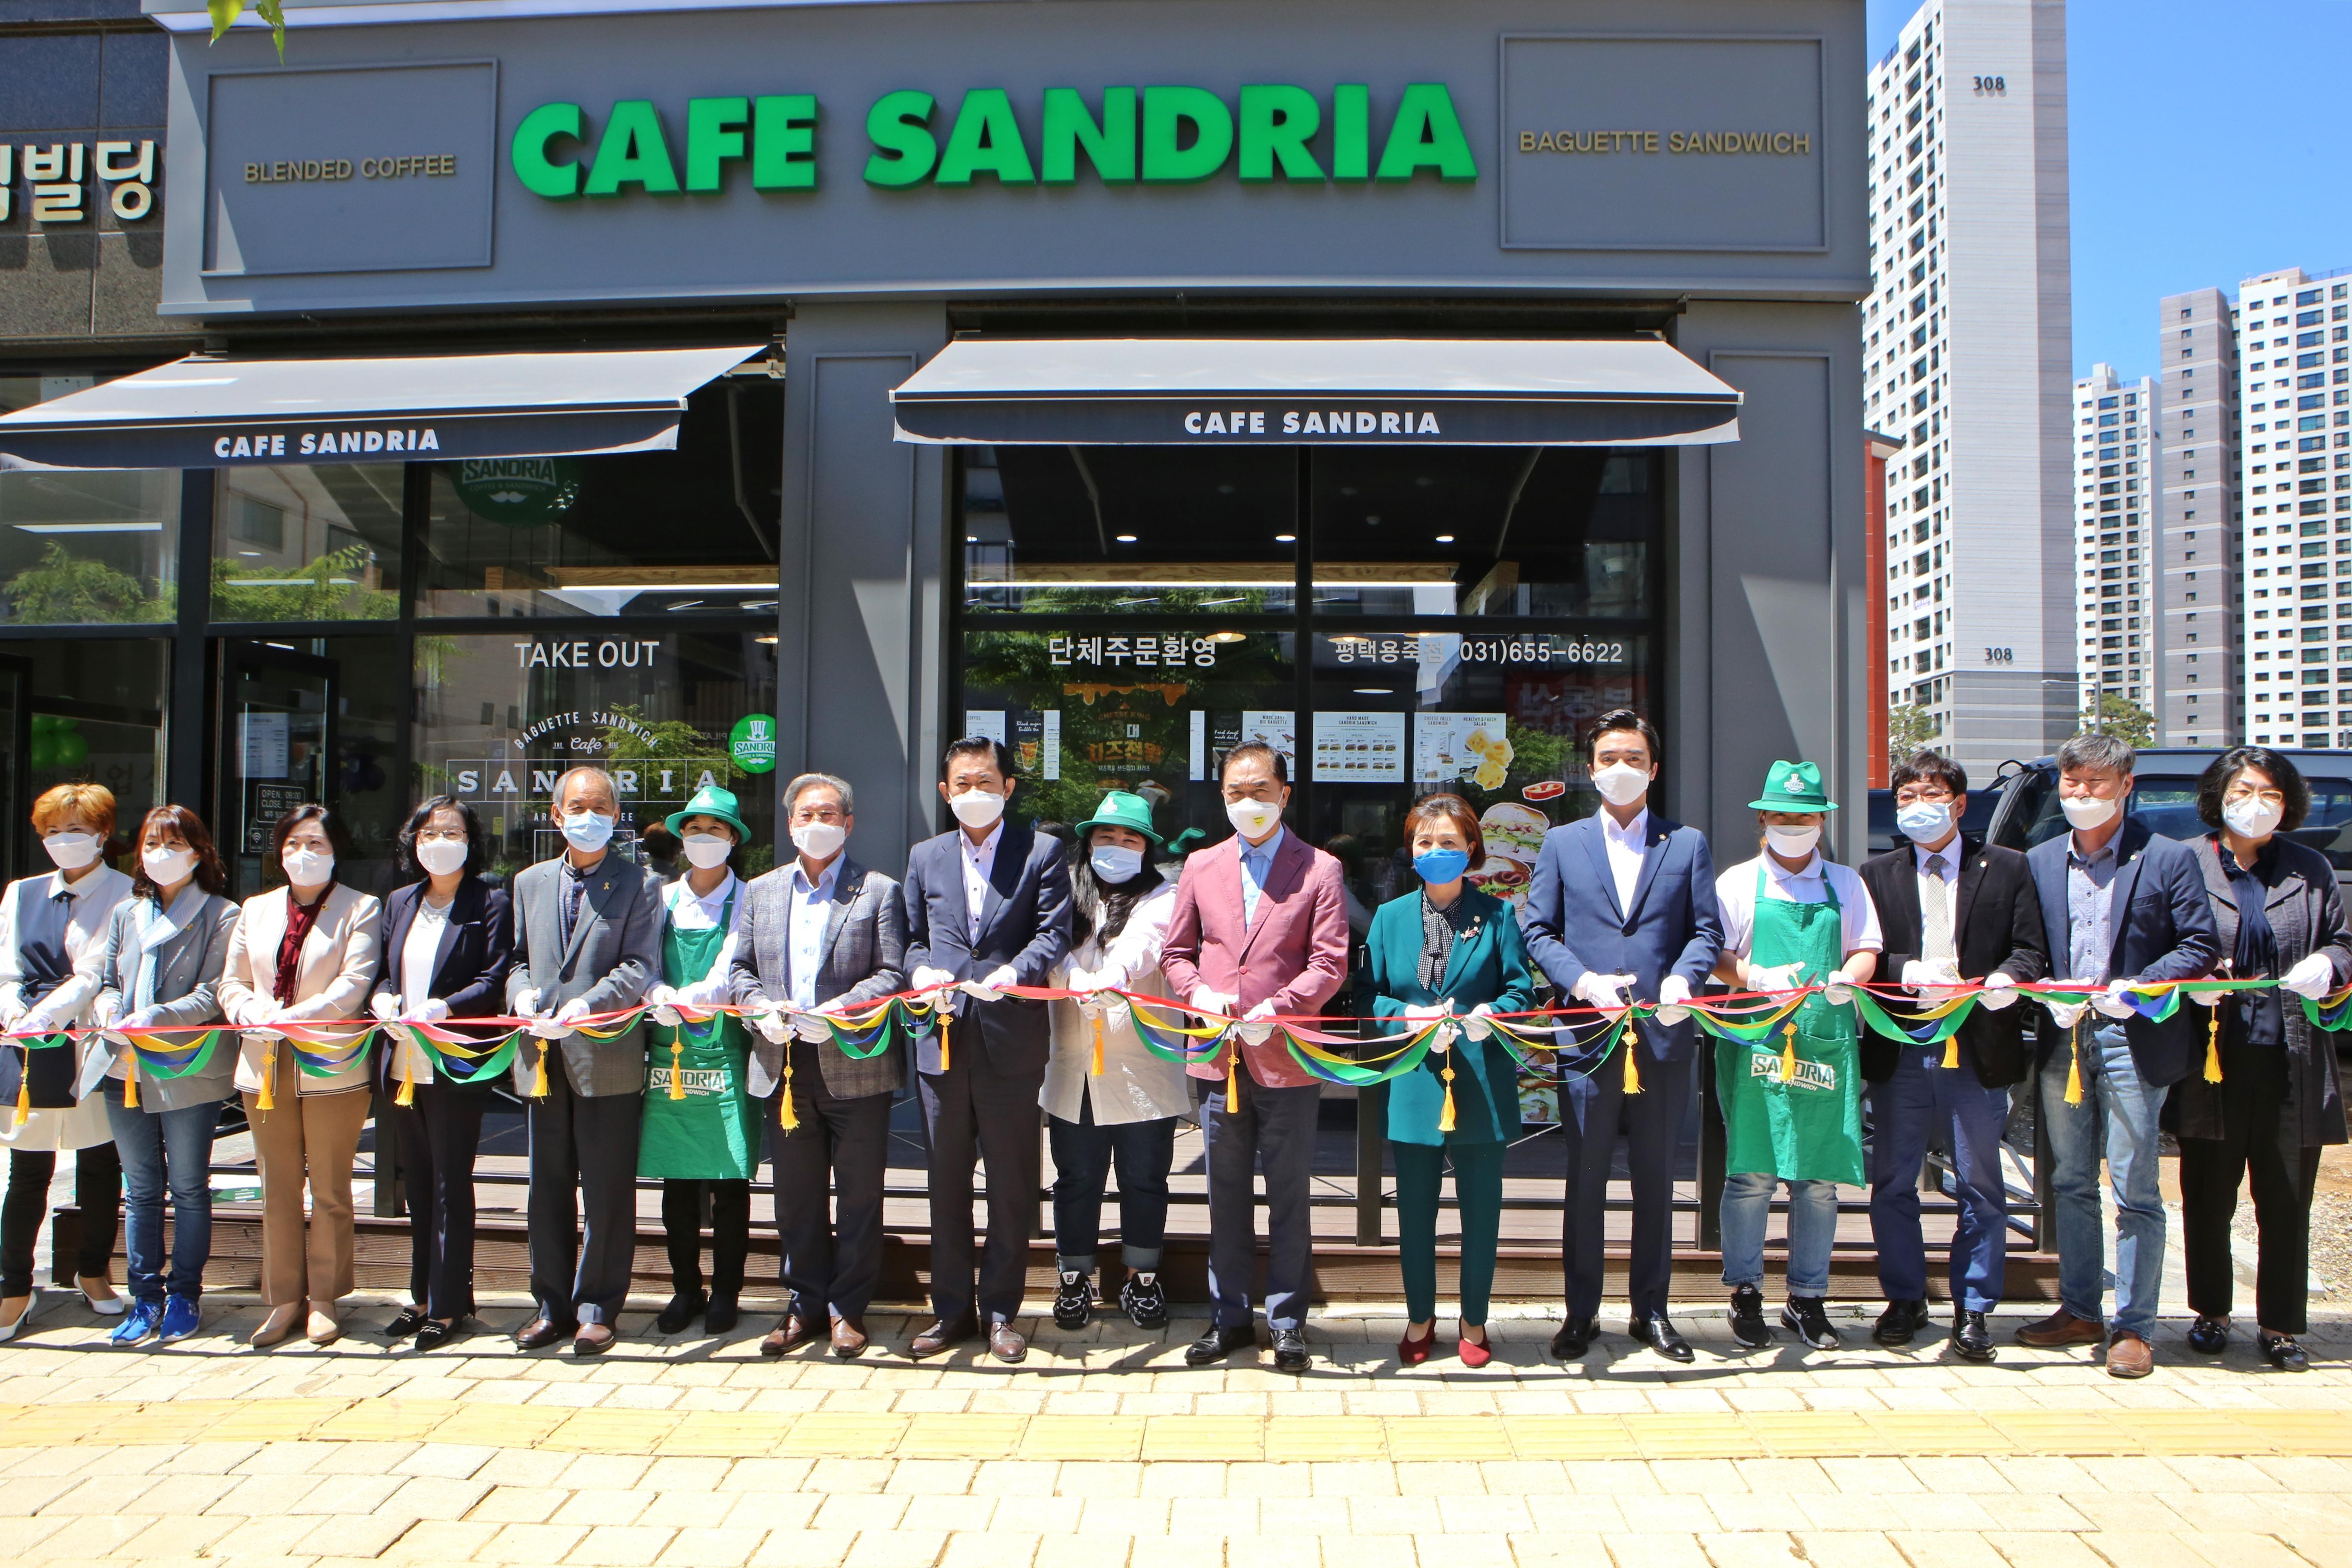 평택시, 한부모여성 자활창업지원 '카페 샌드리아'개소식 개최 01